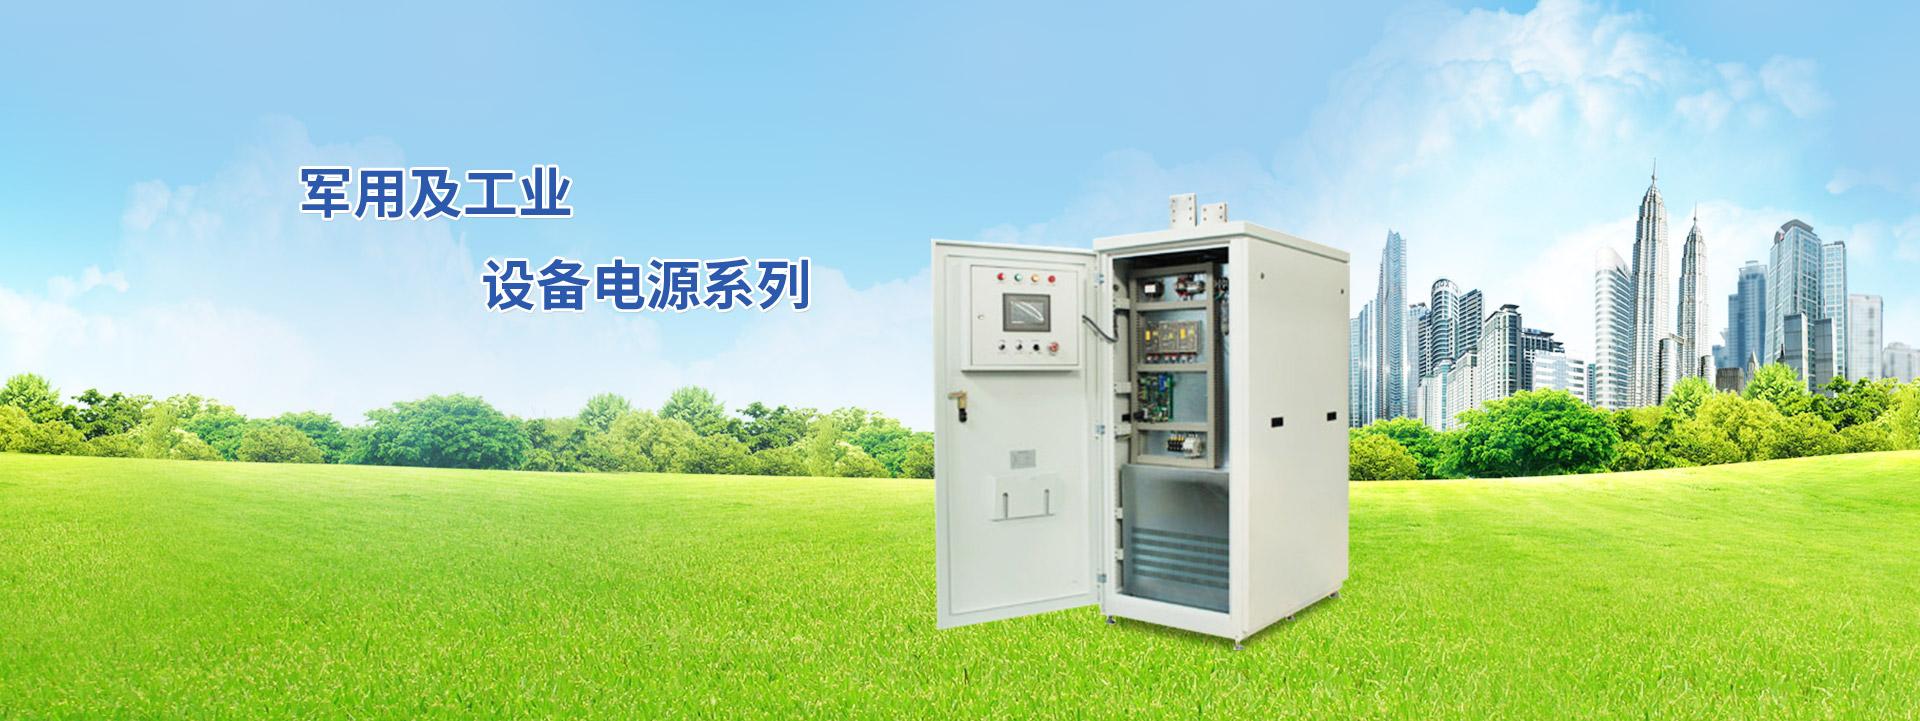 工业电源模块